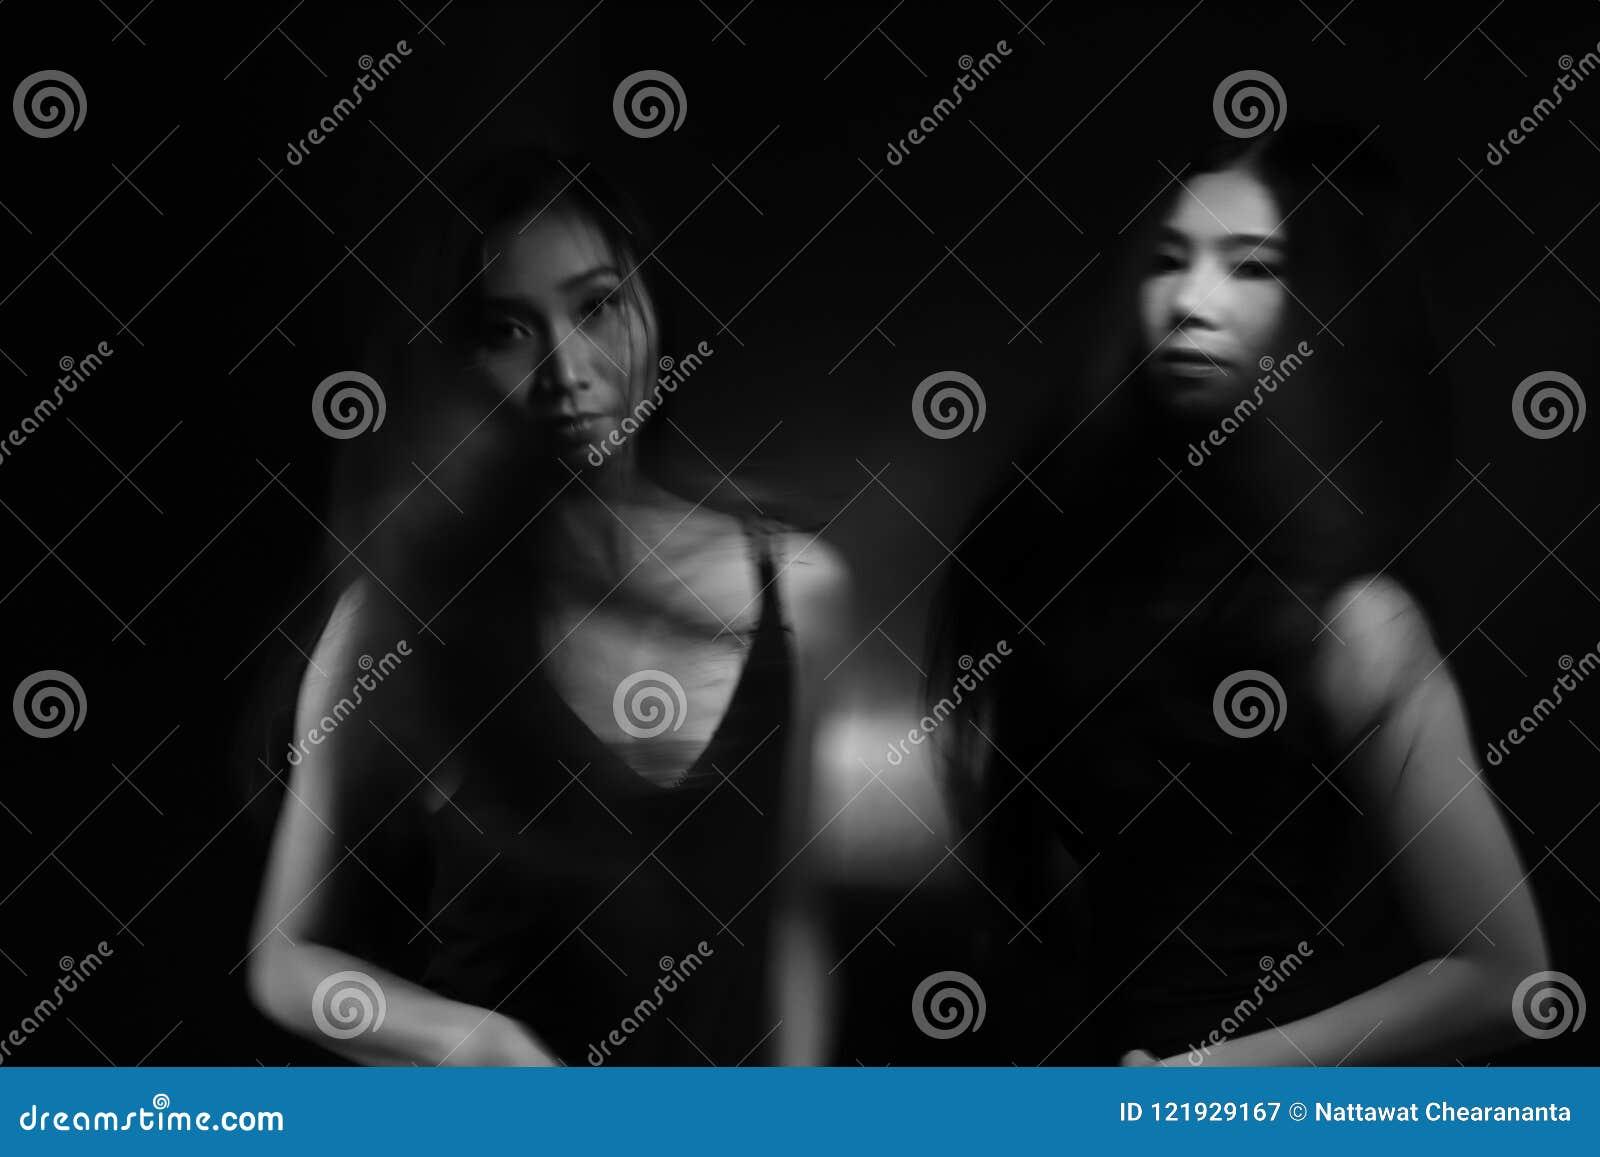 裸体性交�G_两互相接触的绝望妇女尝试了解. 概念, 性交前的爱抚.